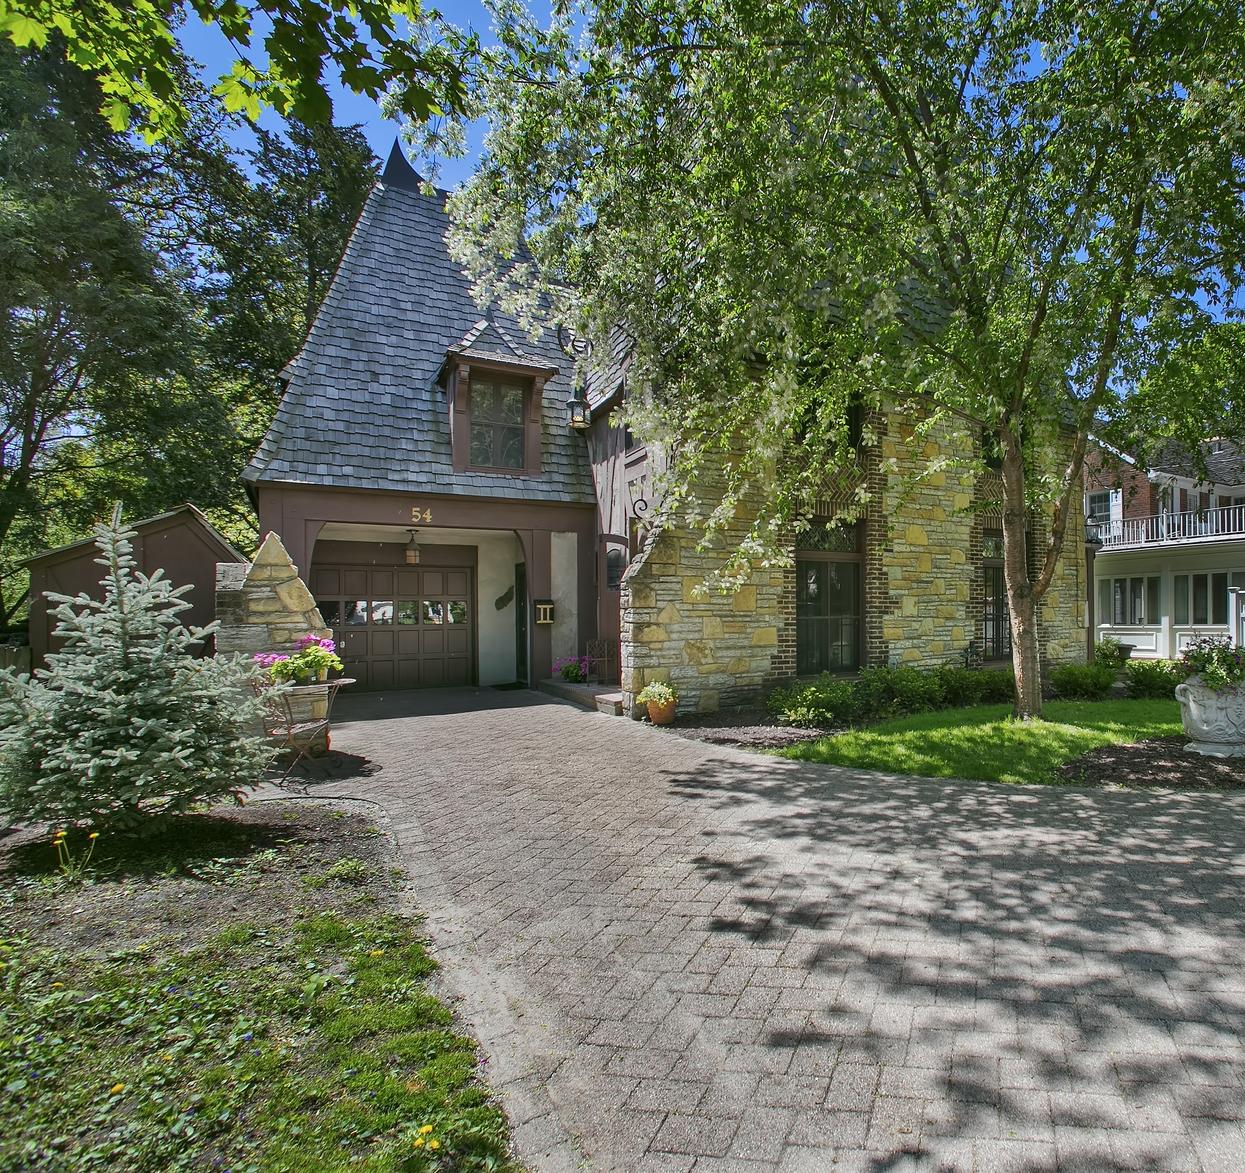 Maison unifamiliale pour l Vente à French Tudor 54 Mississippi River Blvd St. Paul, Minnesota 55104 États-Unis